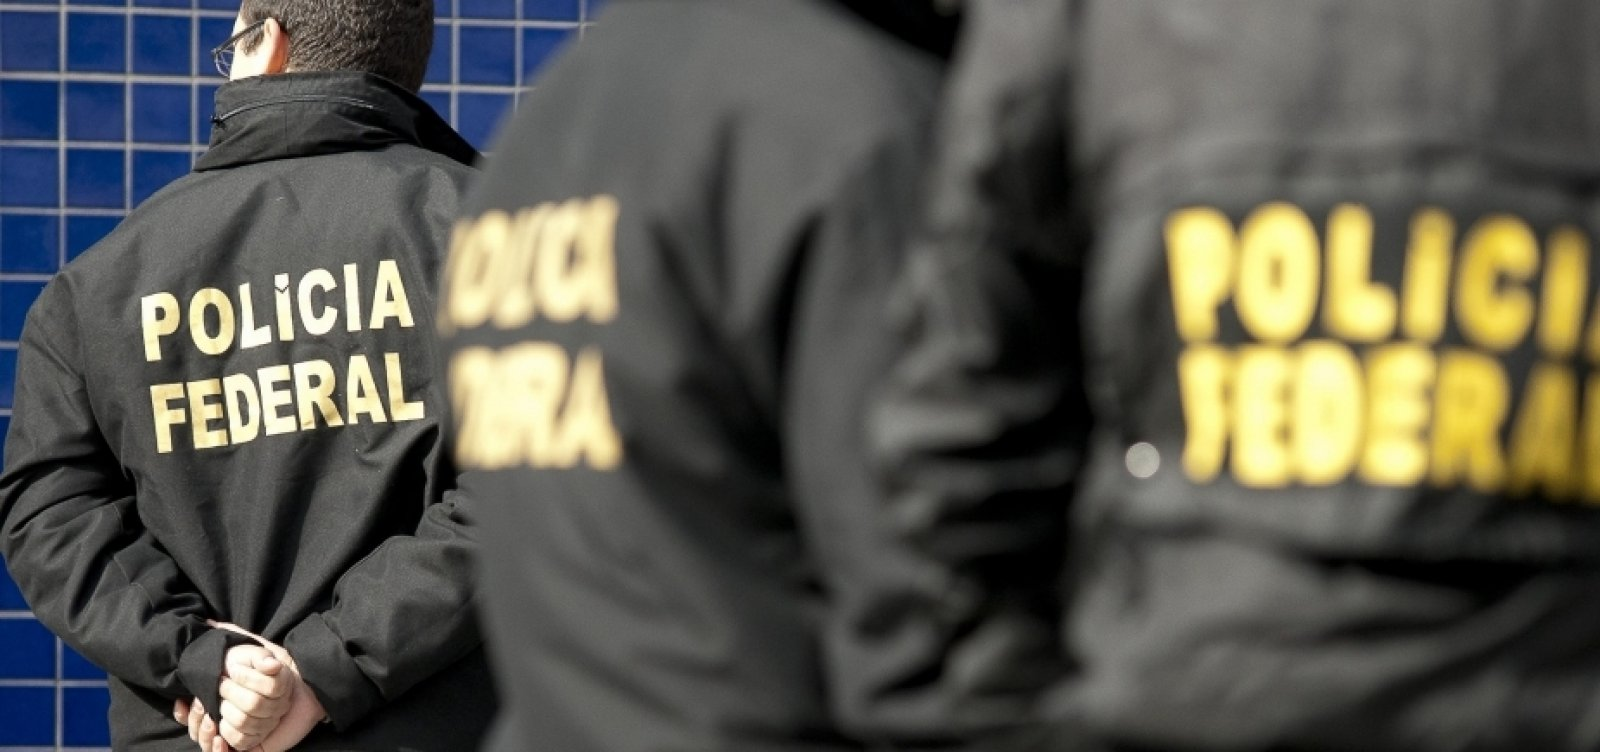 Operação da PF prende dois ex-prefeitos e afasta atual de Santa Cruz Cabrália